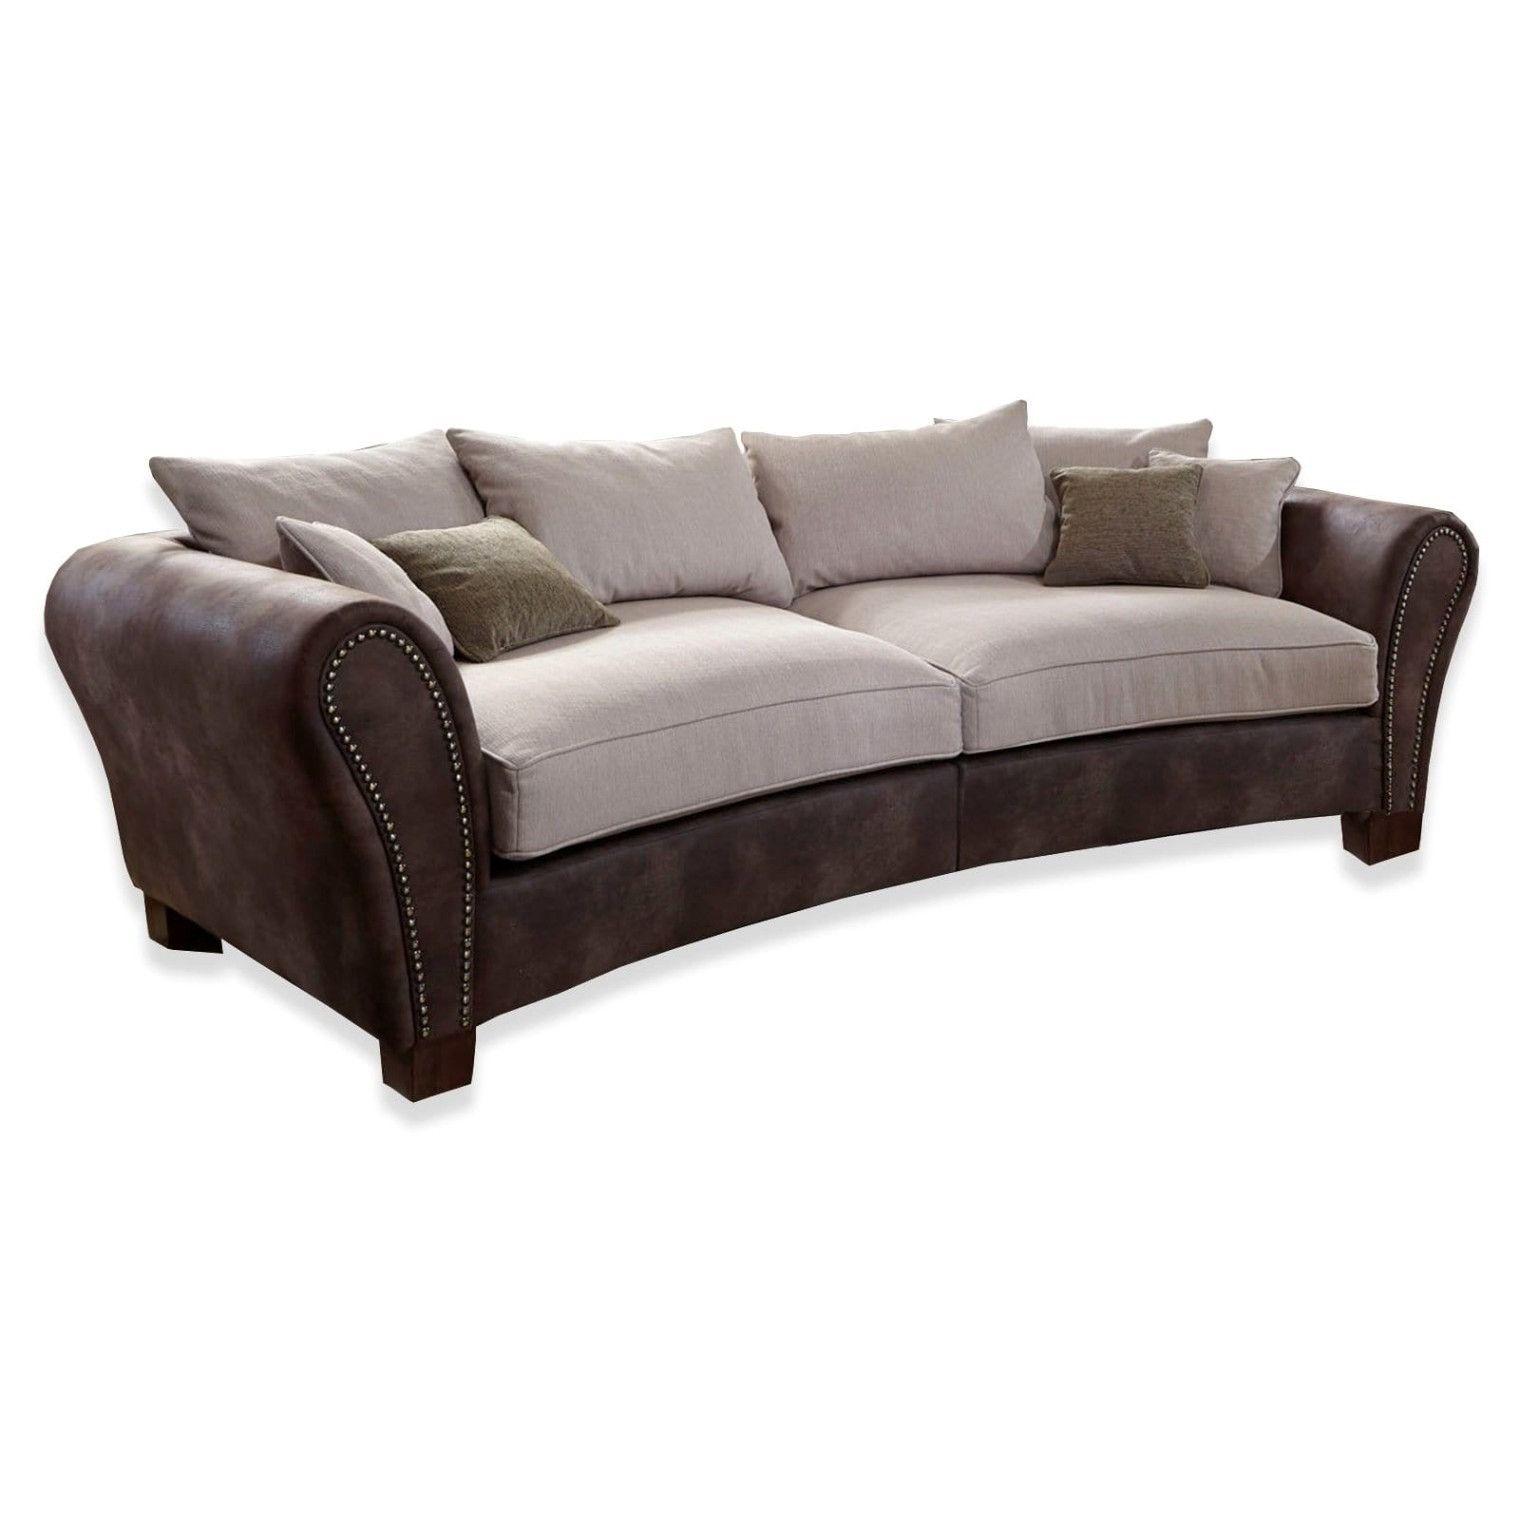 Erfreulich Roller Sofabett In 2020 Big Sofas Sofa Couch